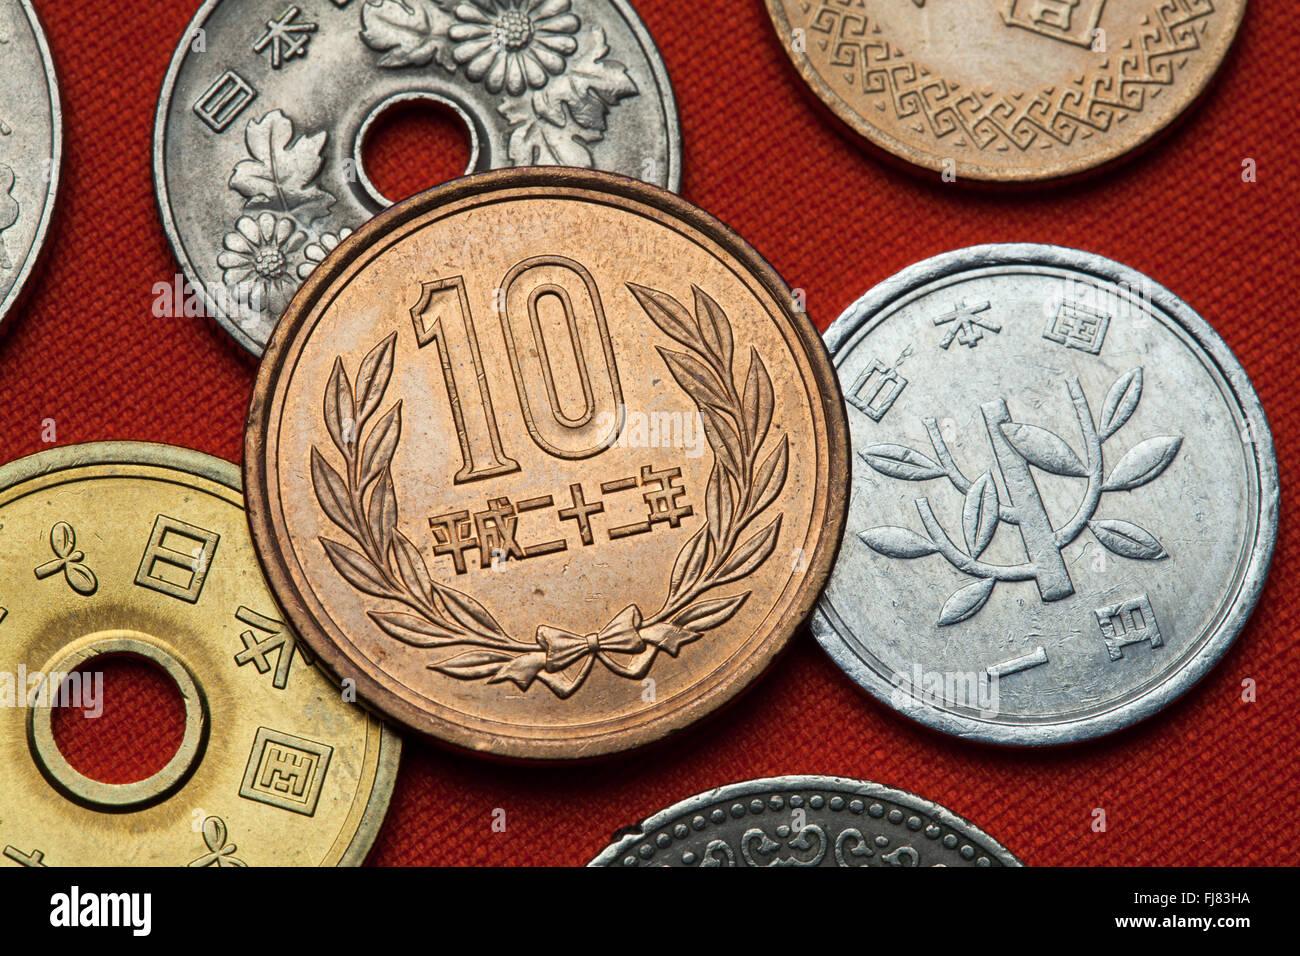 1a5dd53ce8 Monete del Giappone. 10 giapponese yen moneta Foto & Immagine Stock ...